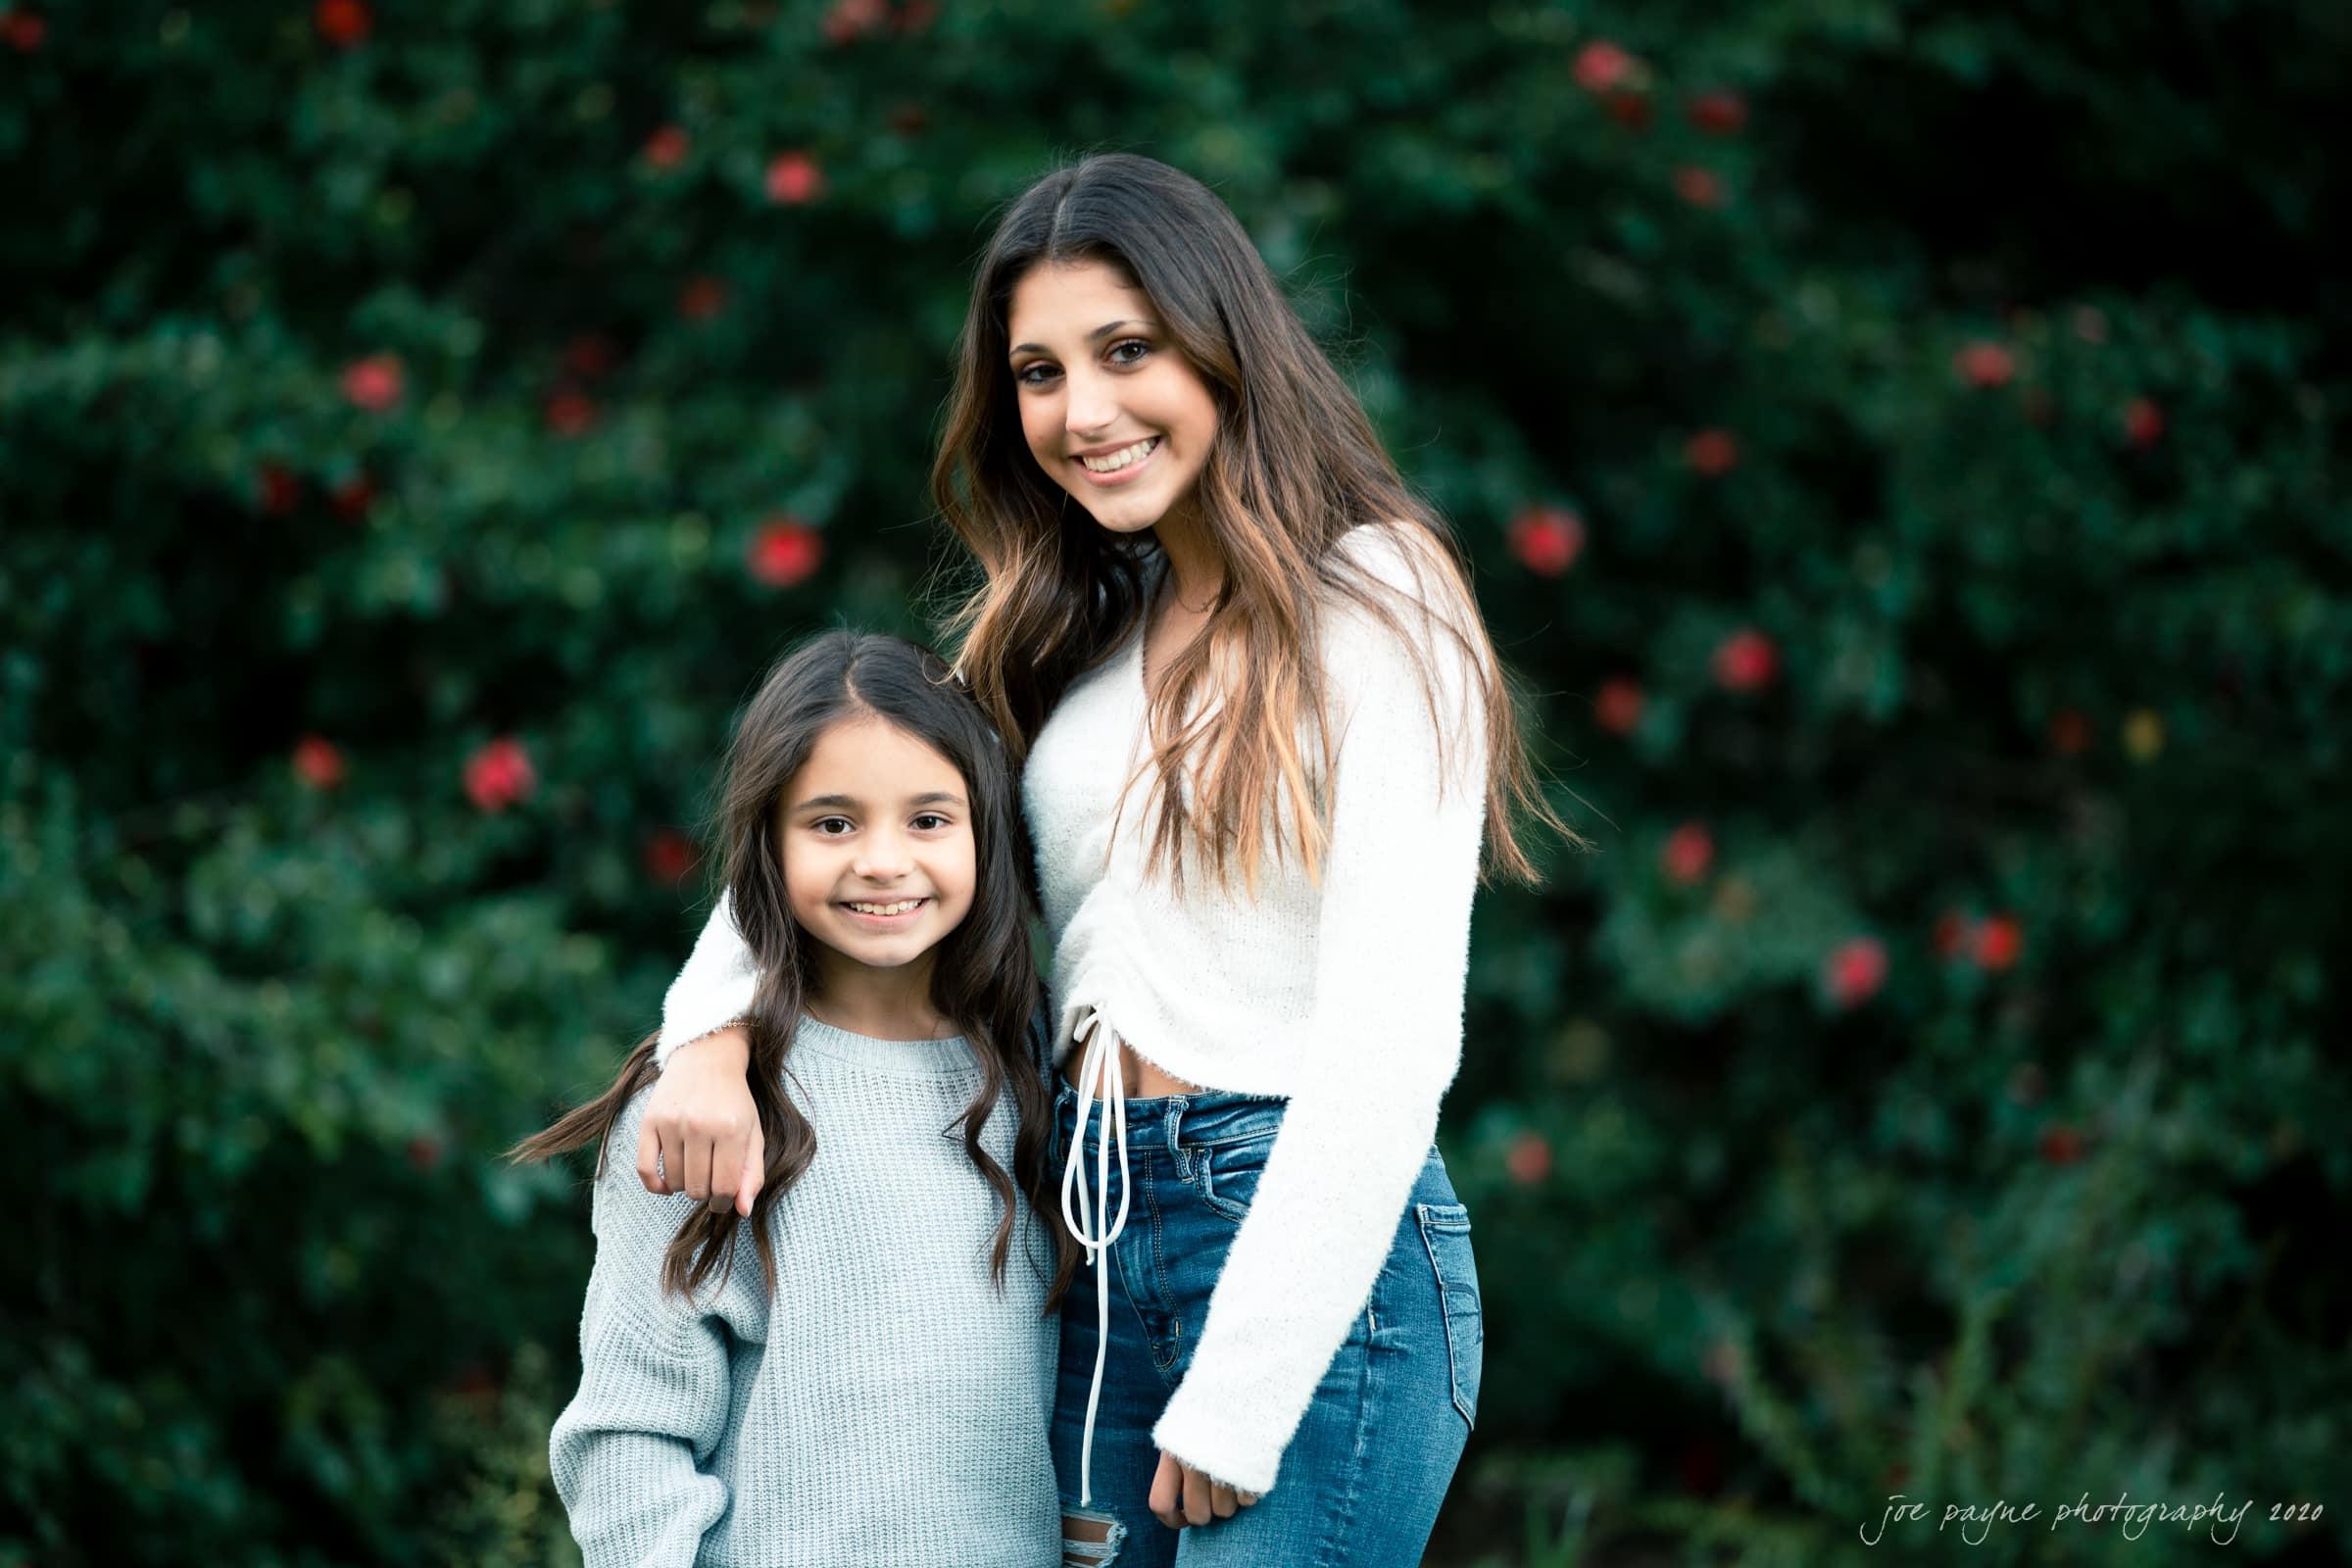 raleigh family photographer jackie cesar 25